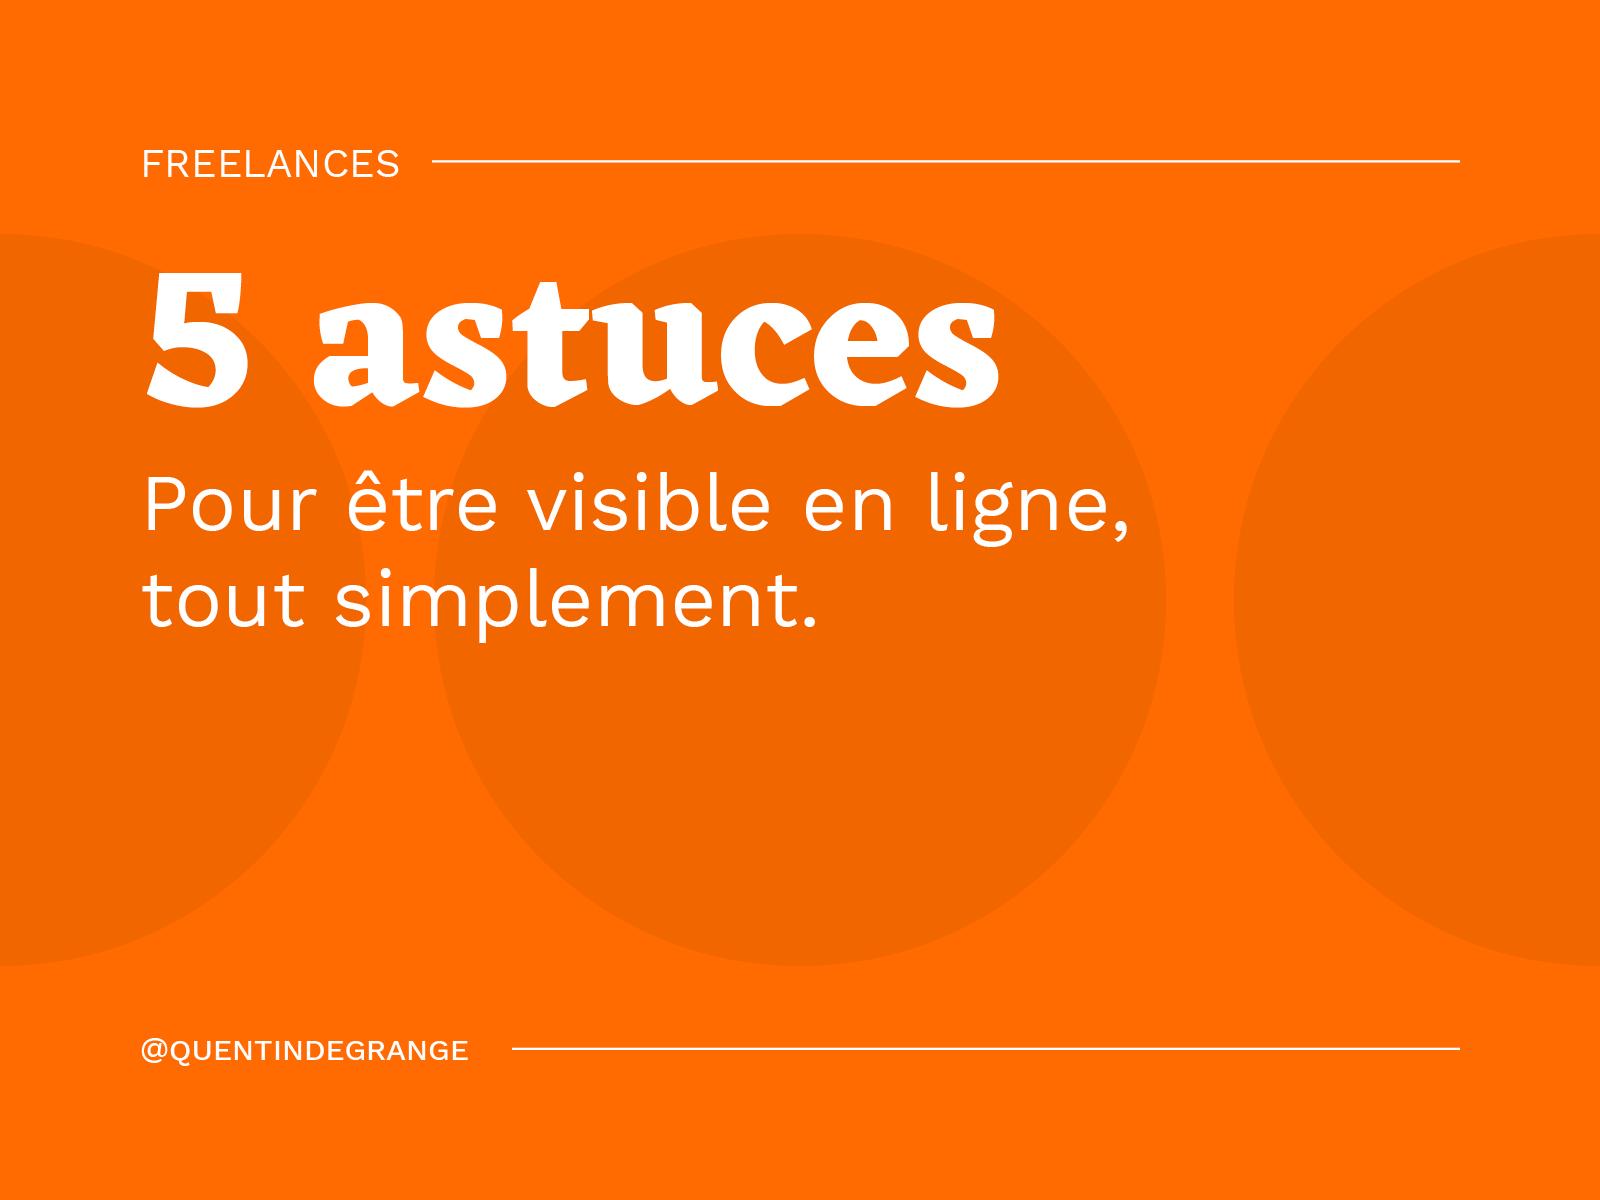 Freelances : 5 astuces pour être visible en ligne